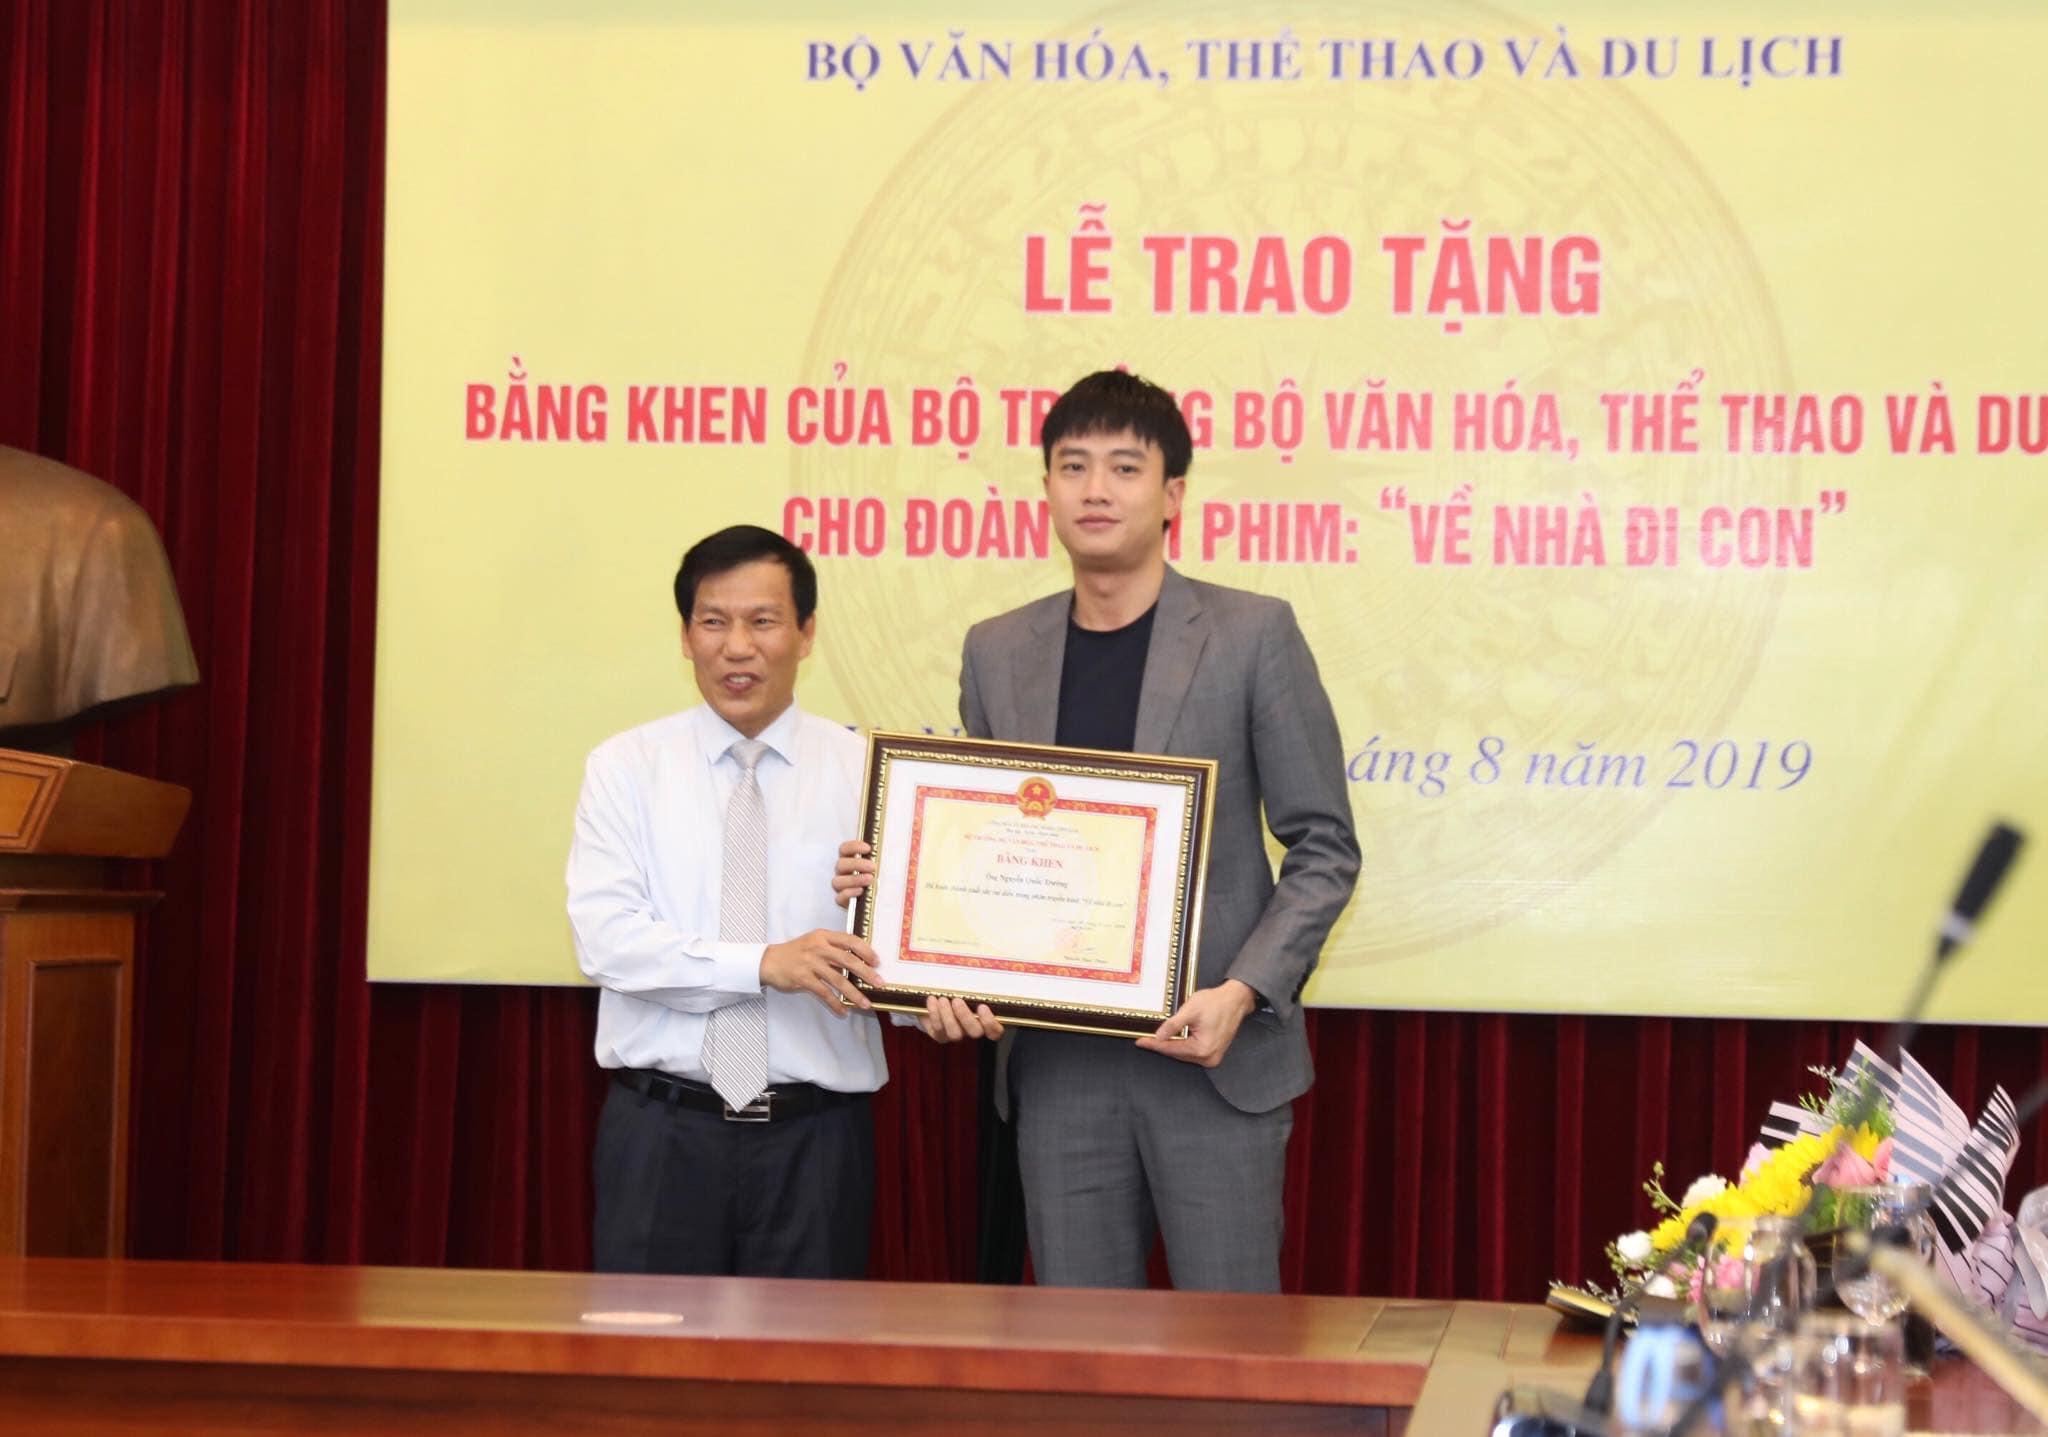 """Quốc Trường, Bảo Thanh nhận bằng khen của Bộ trưởng sau phim """"Về nhà đi con"""" - 1"""